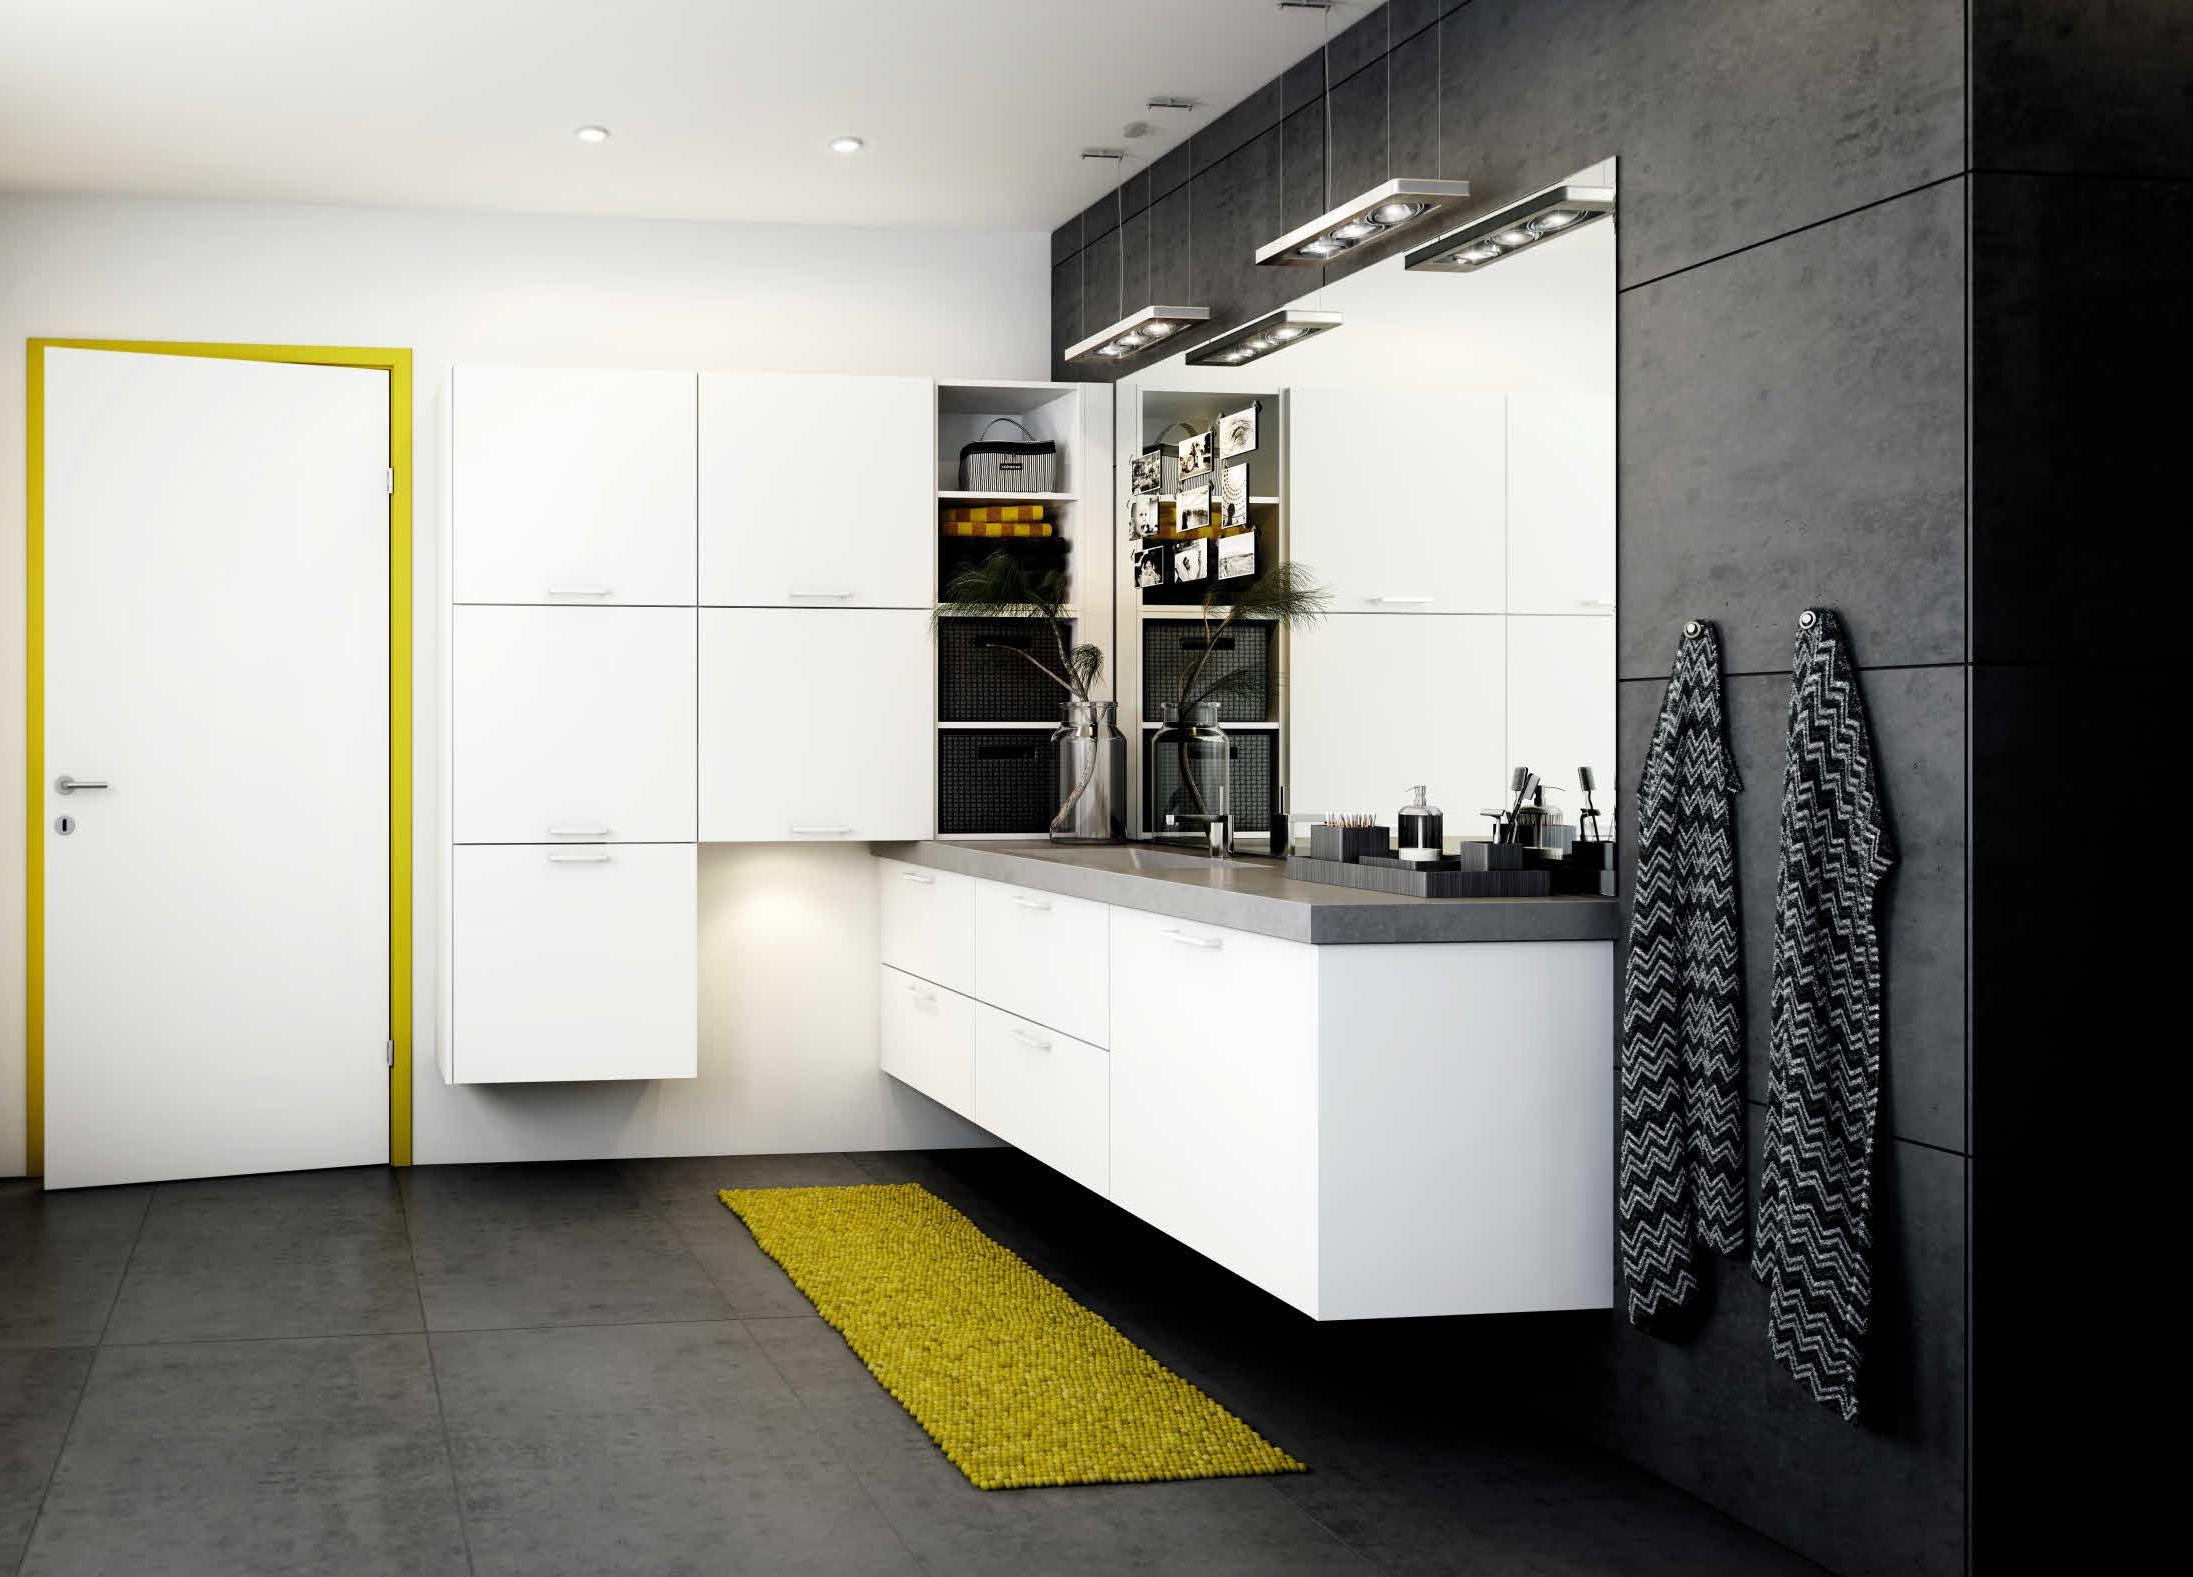 ollen Sie ein Industrial-Stil beim Einrichten von Ihrem Bad verfolgen, kombinieren Sie Beton, Leder und Edelstein